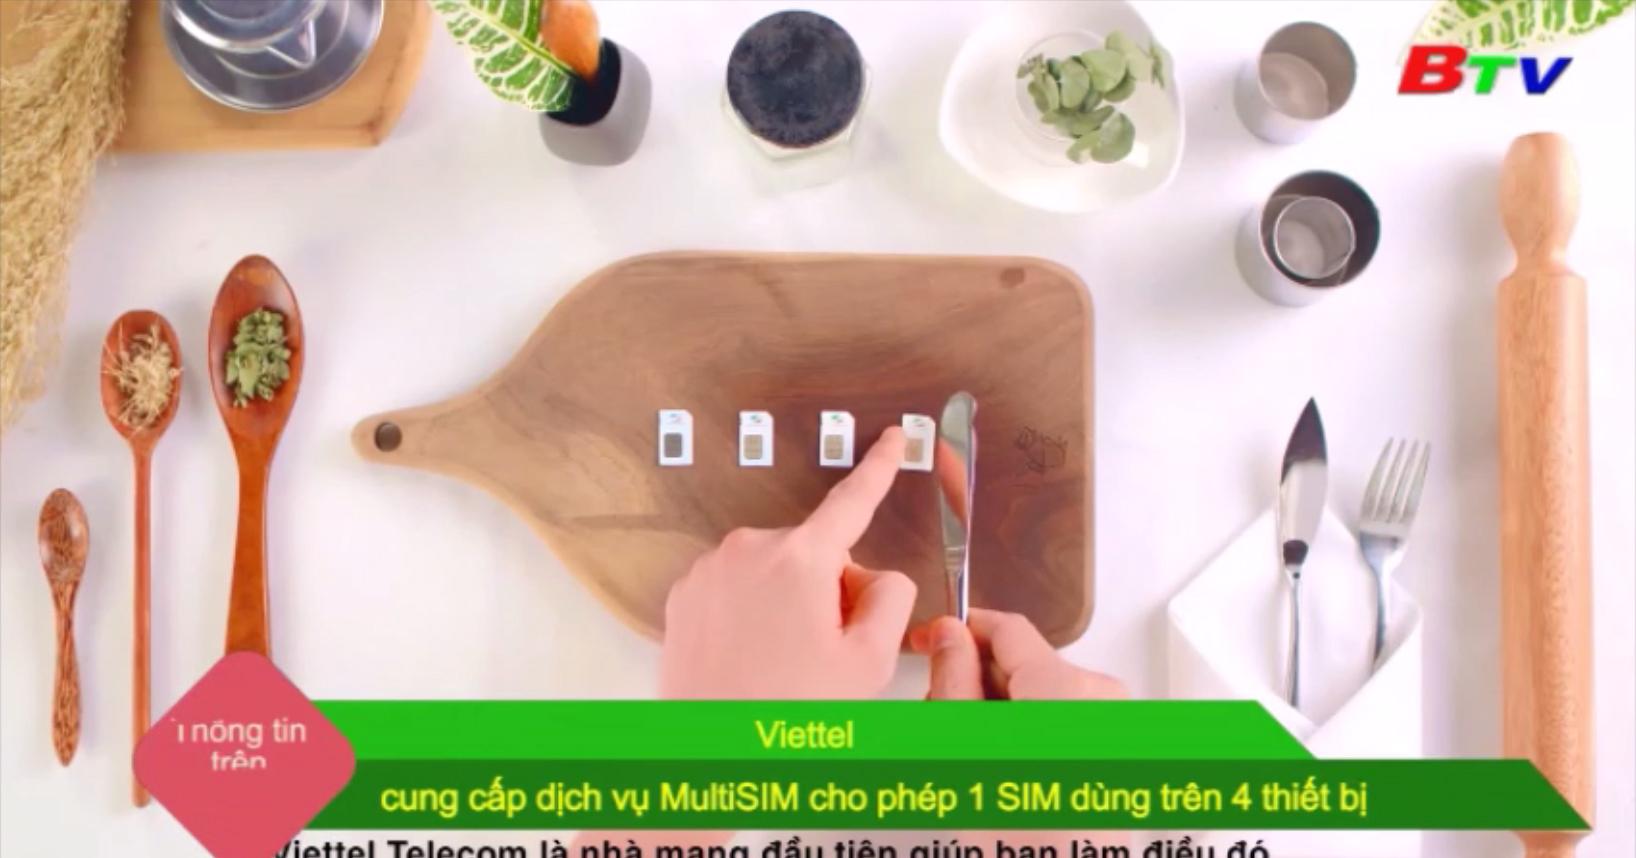 Viettel cung cấp dịch vụ MultiSIM cho phép 1 SIM dùng trên 4 thiết bị